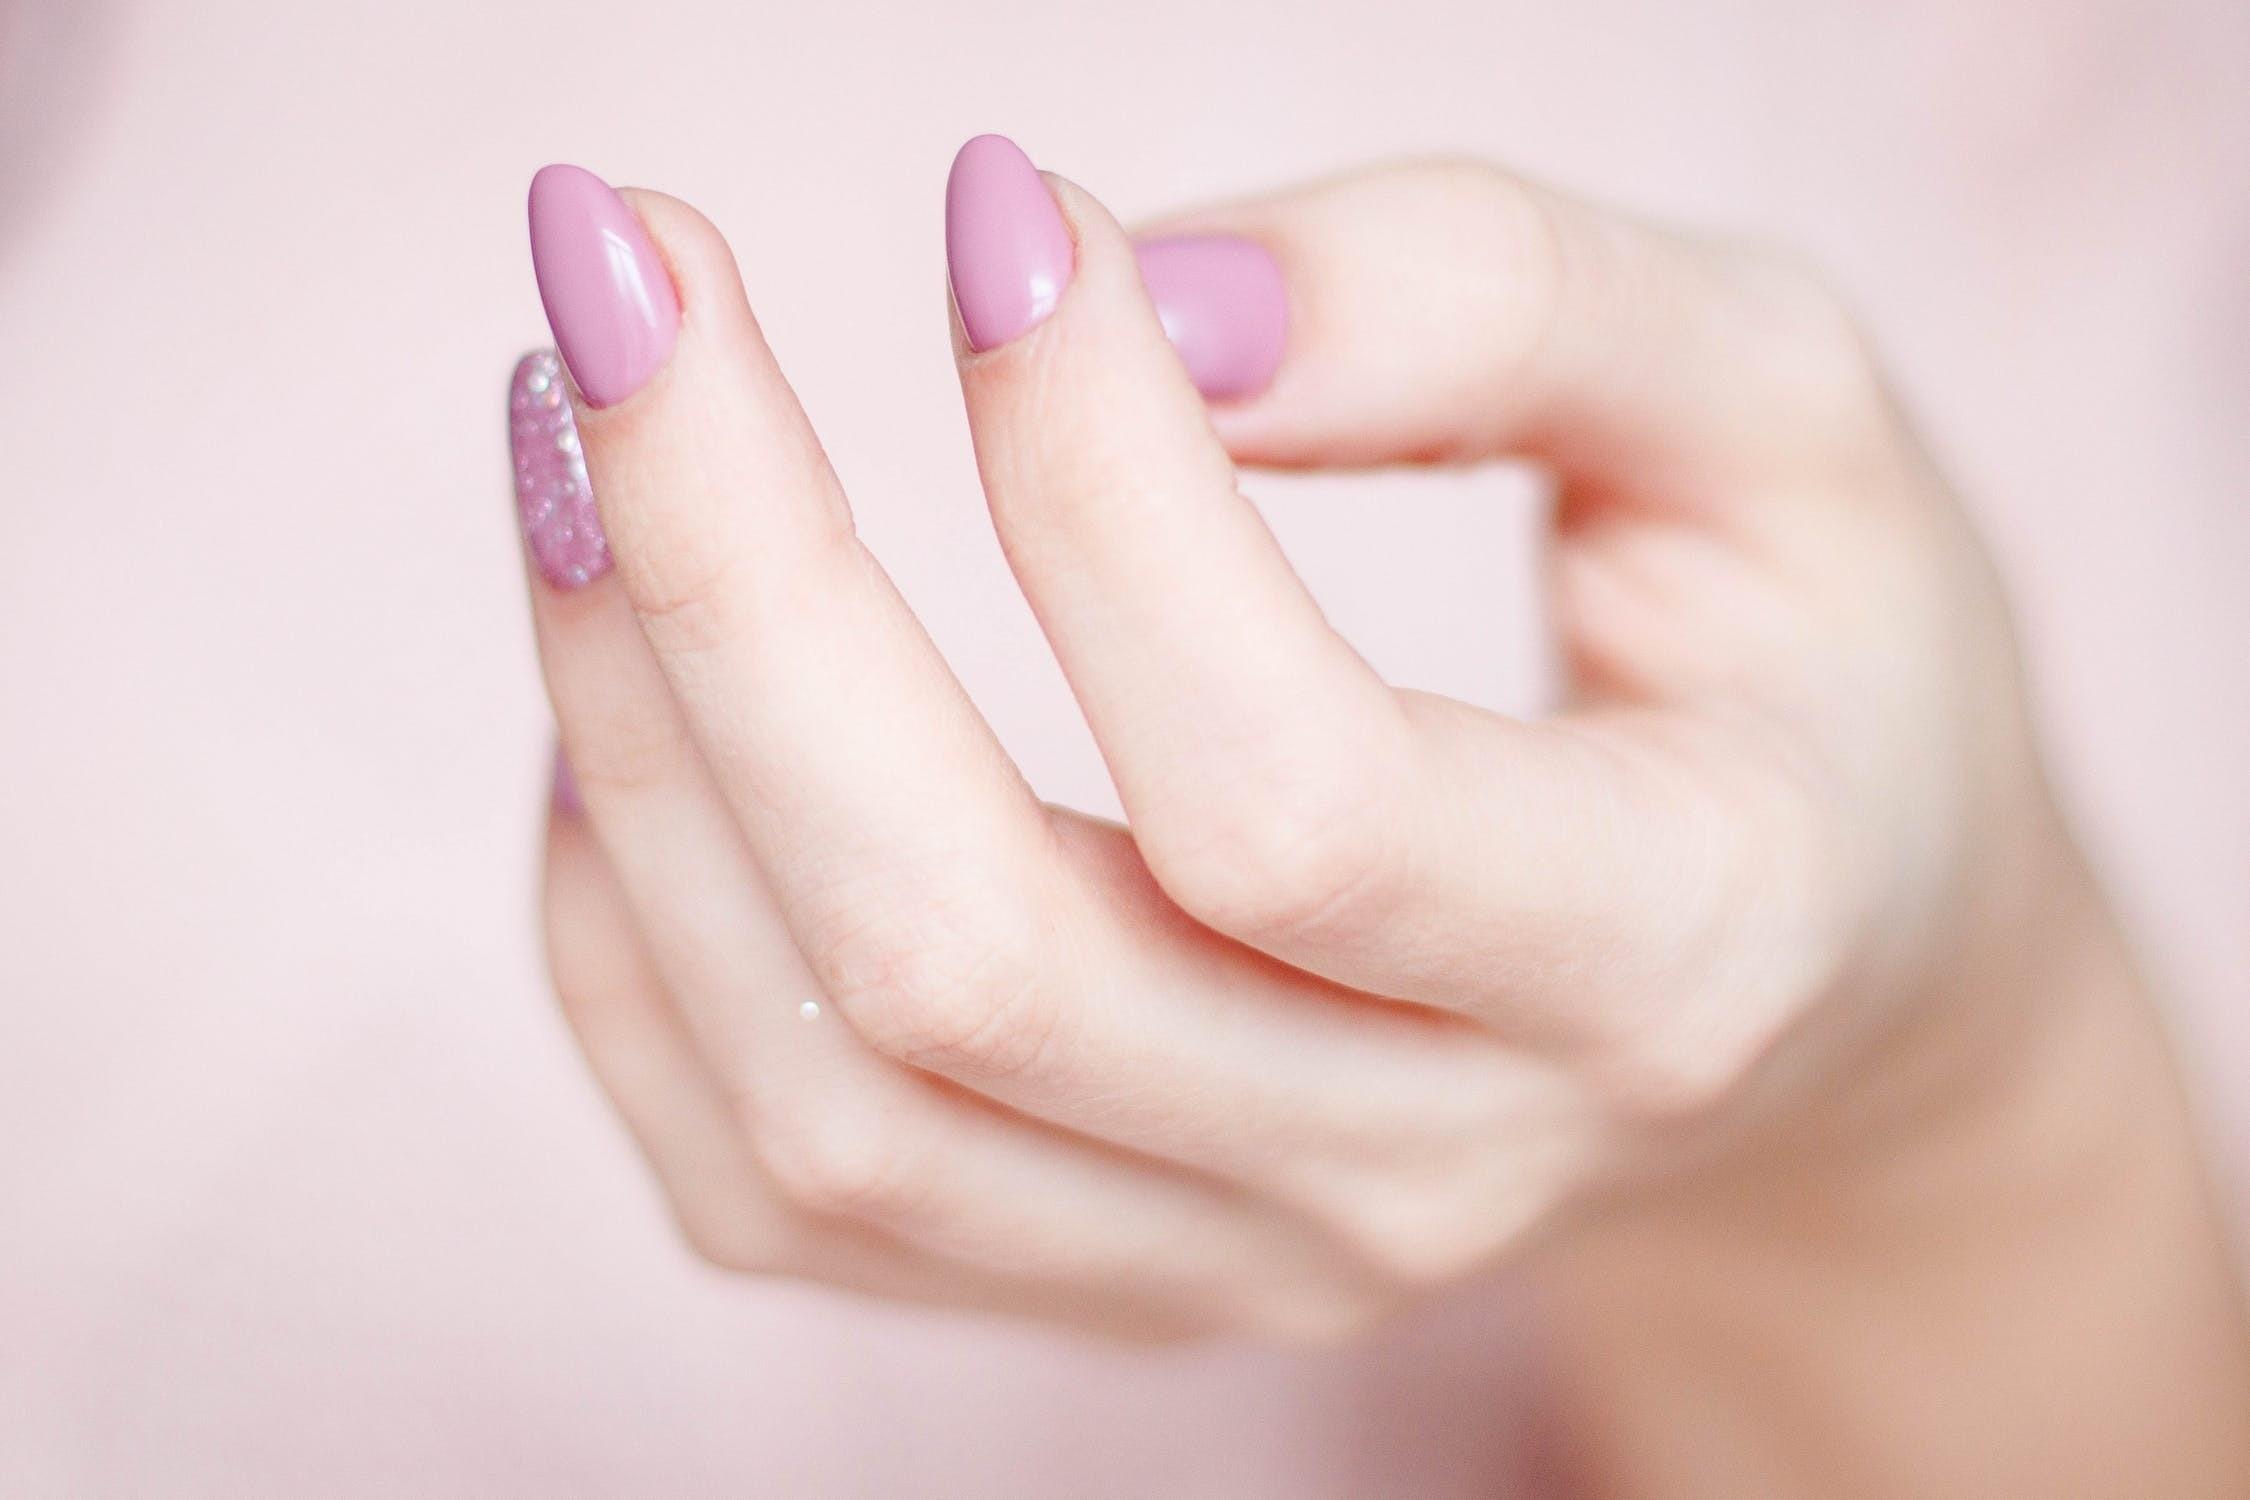 Курс на красоту: какие бьюти-процедуры нужно делать в новолуние?